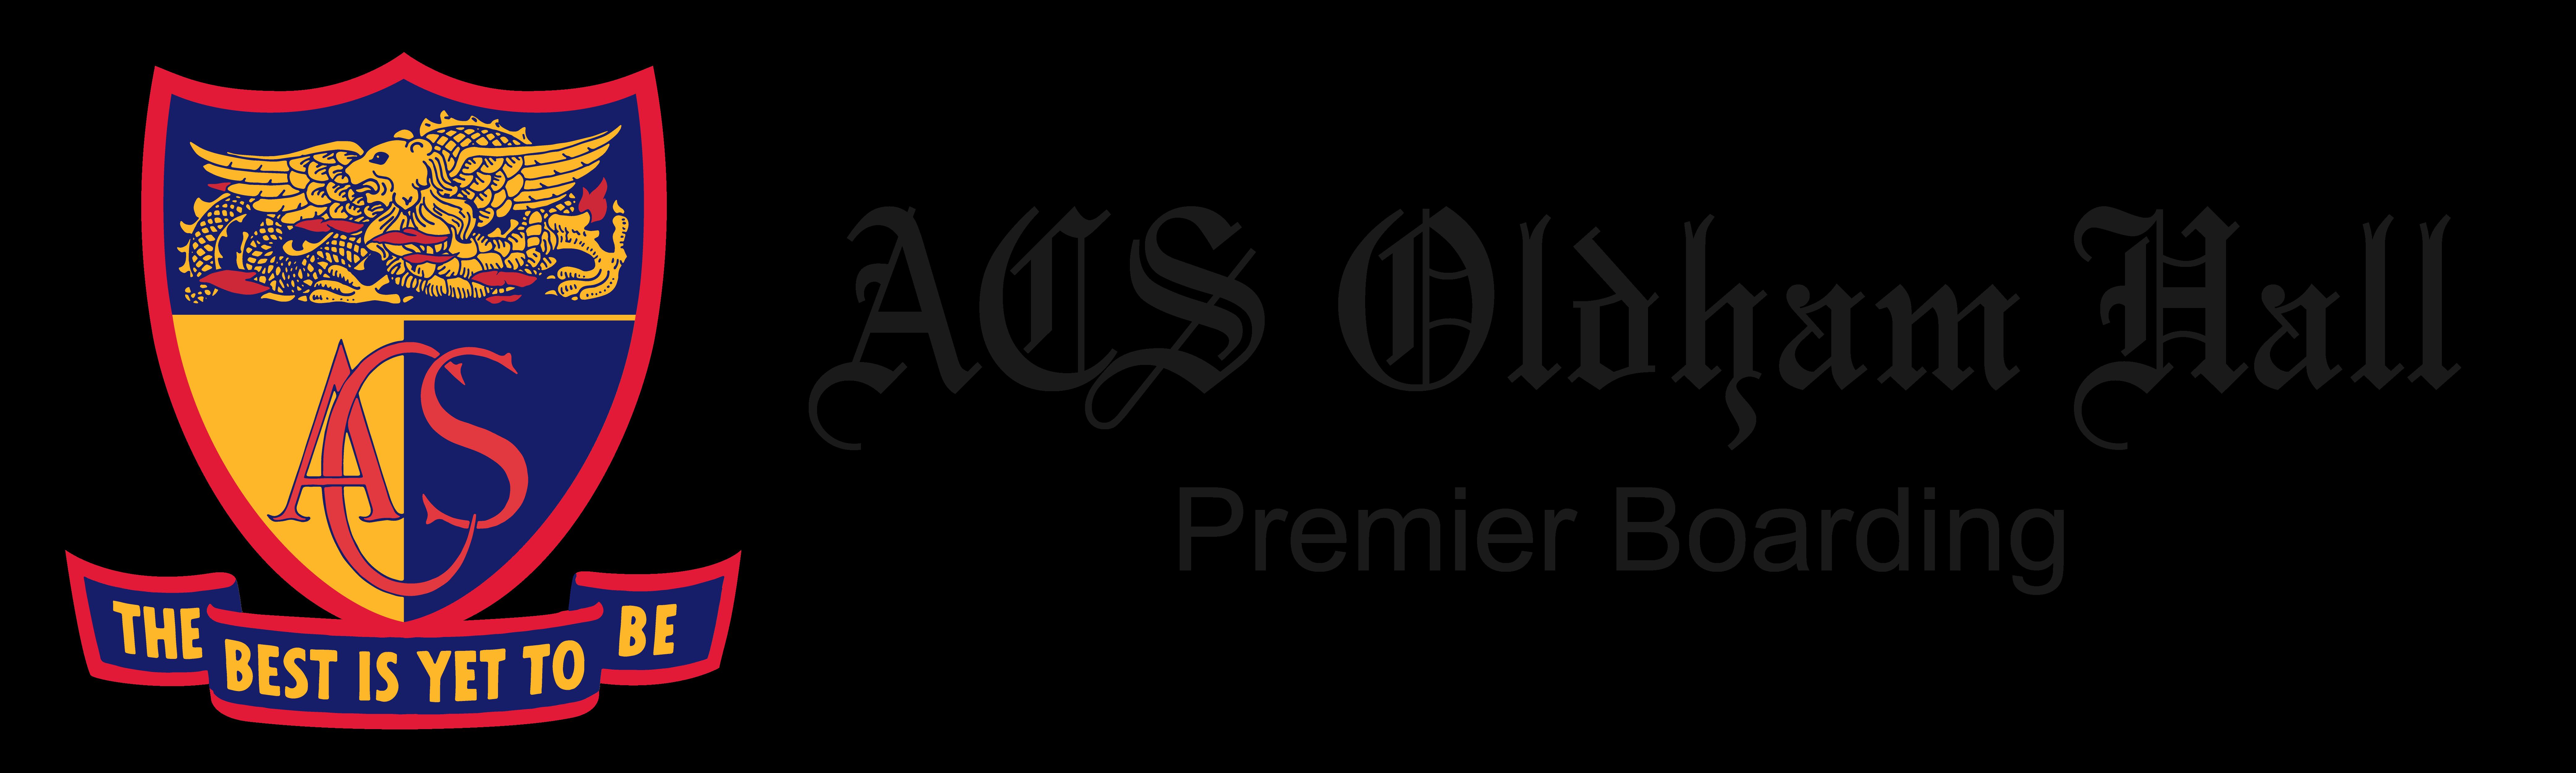 Premier Boarding